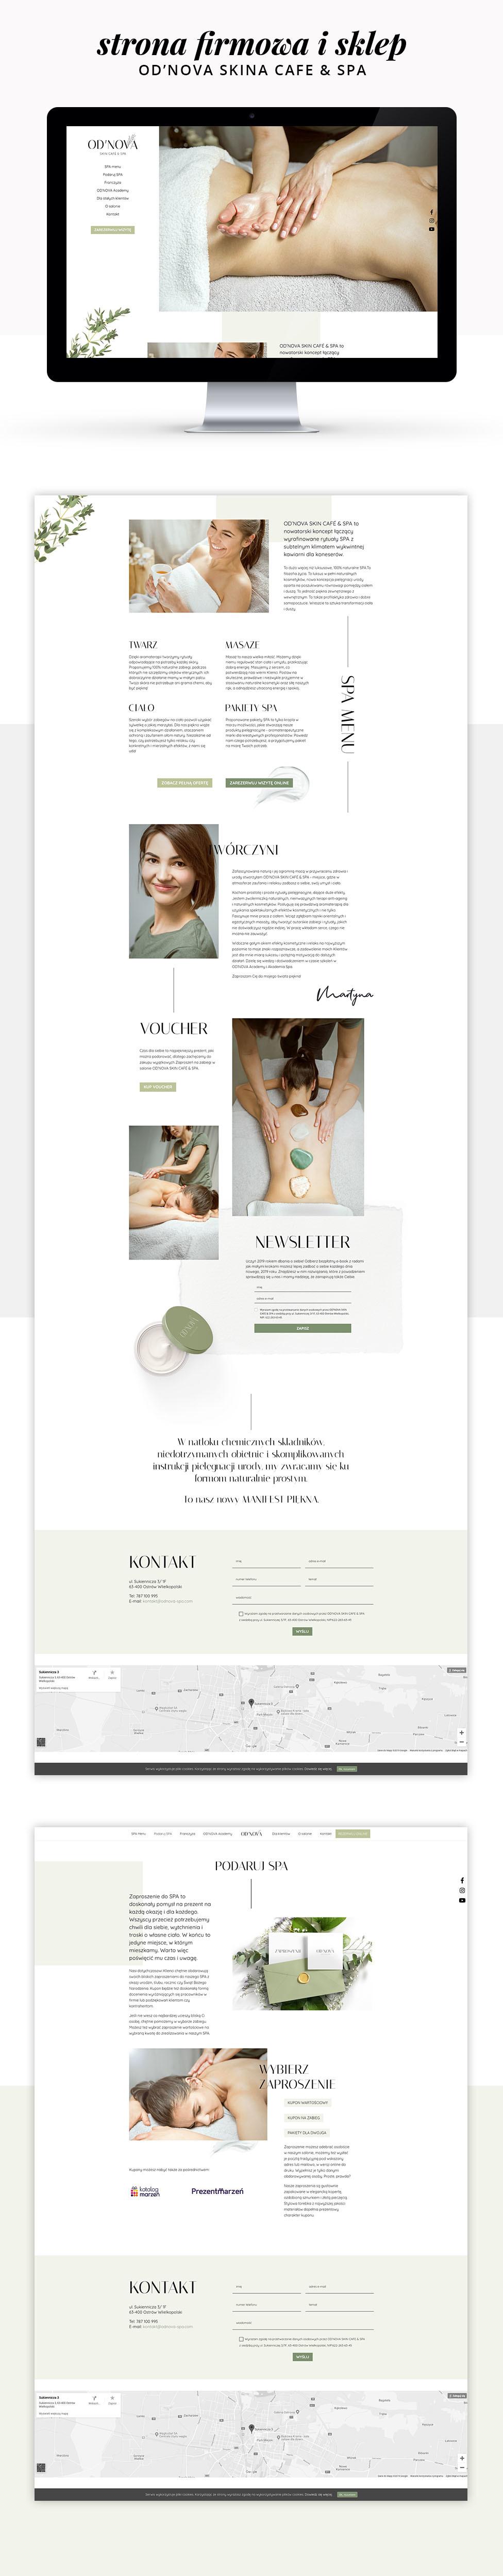 Od'Nova - webdesign